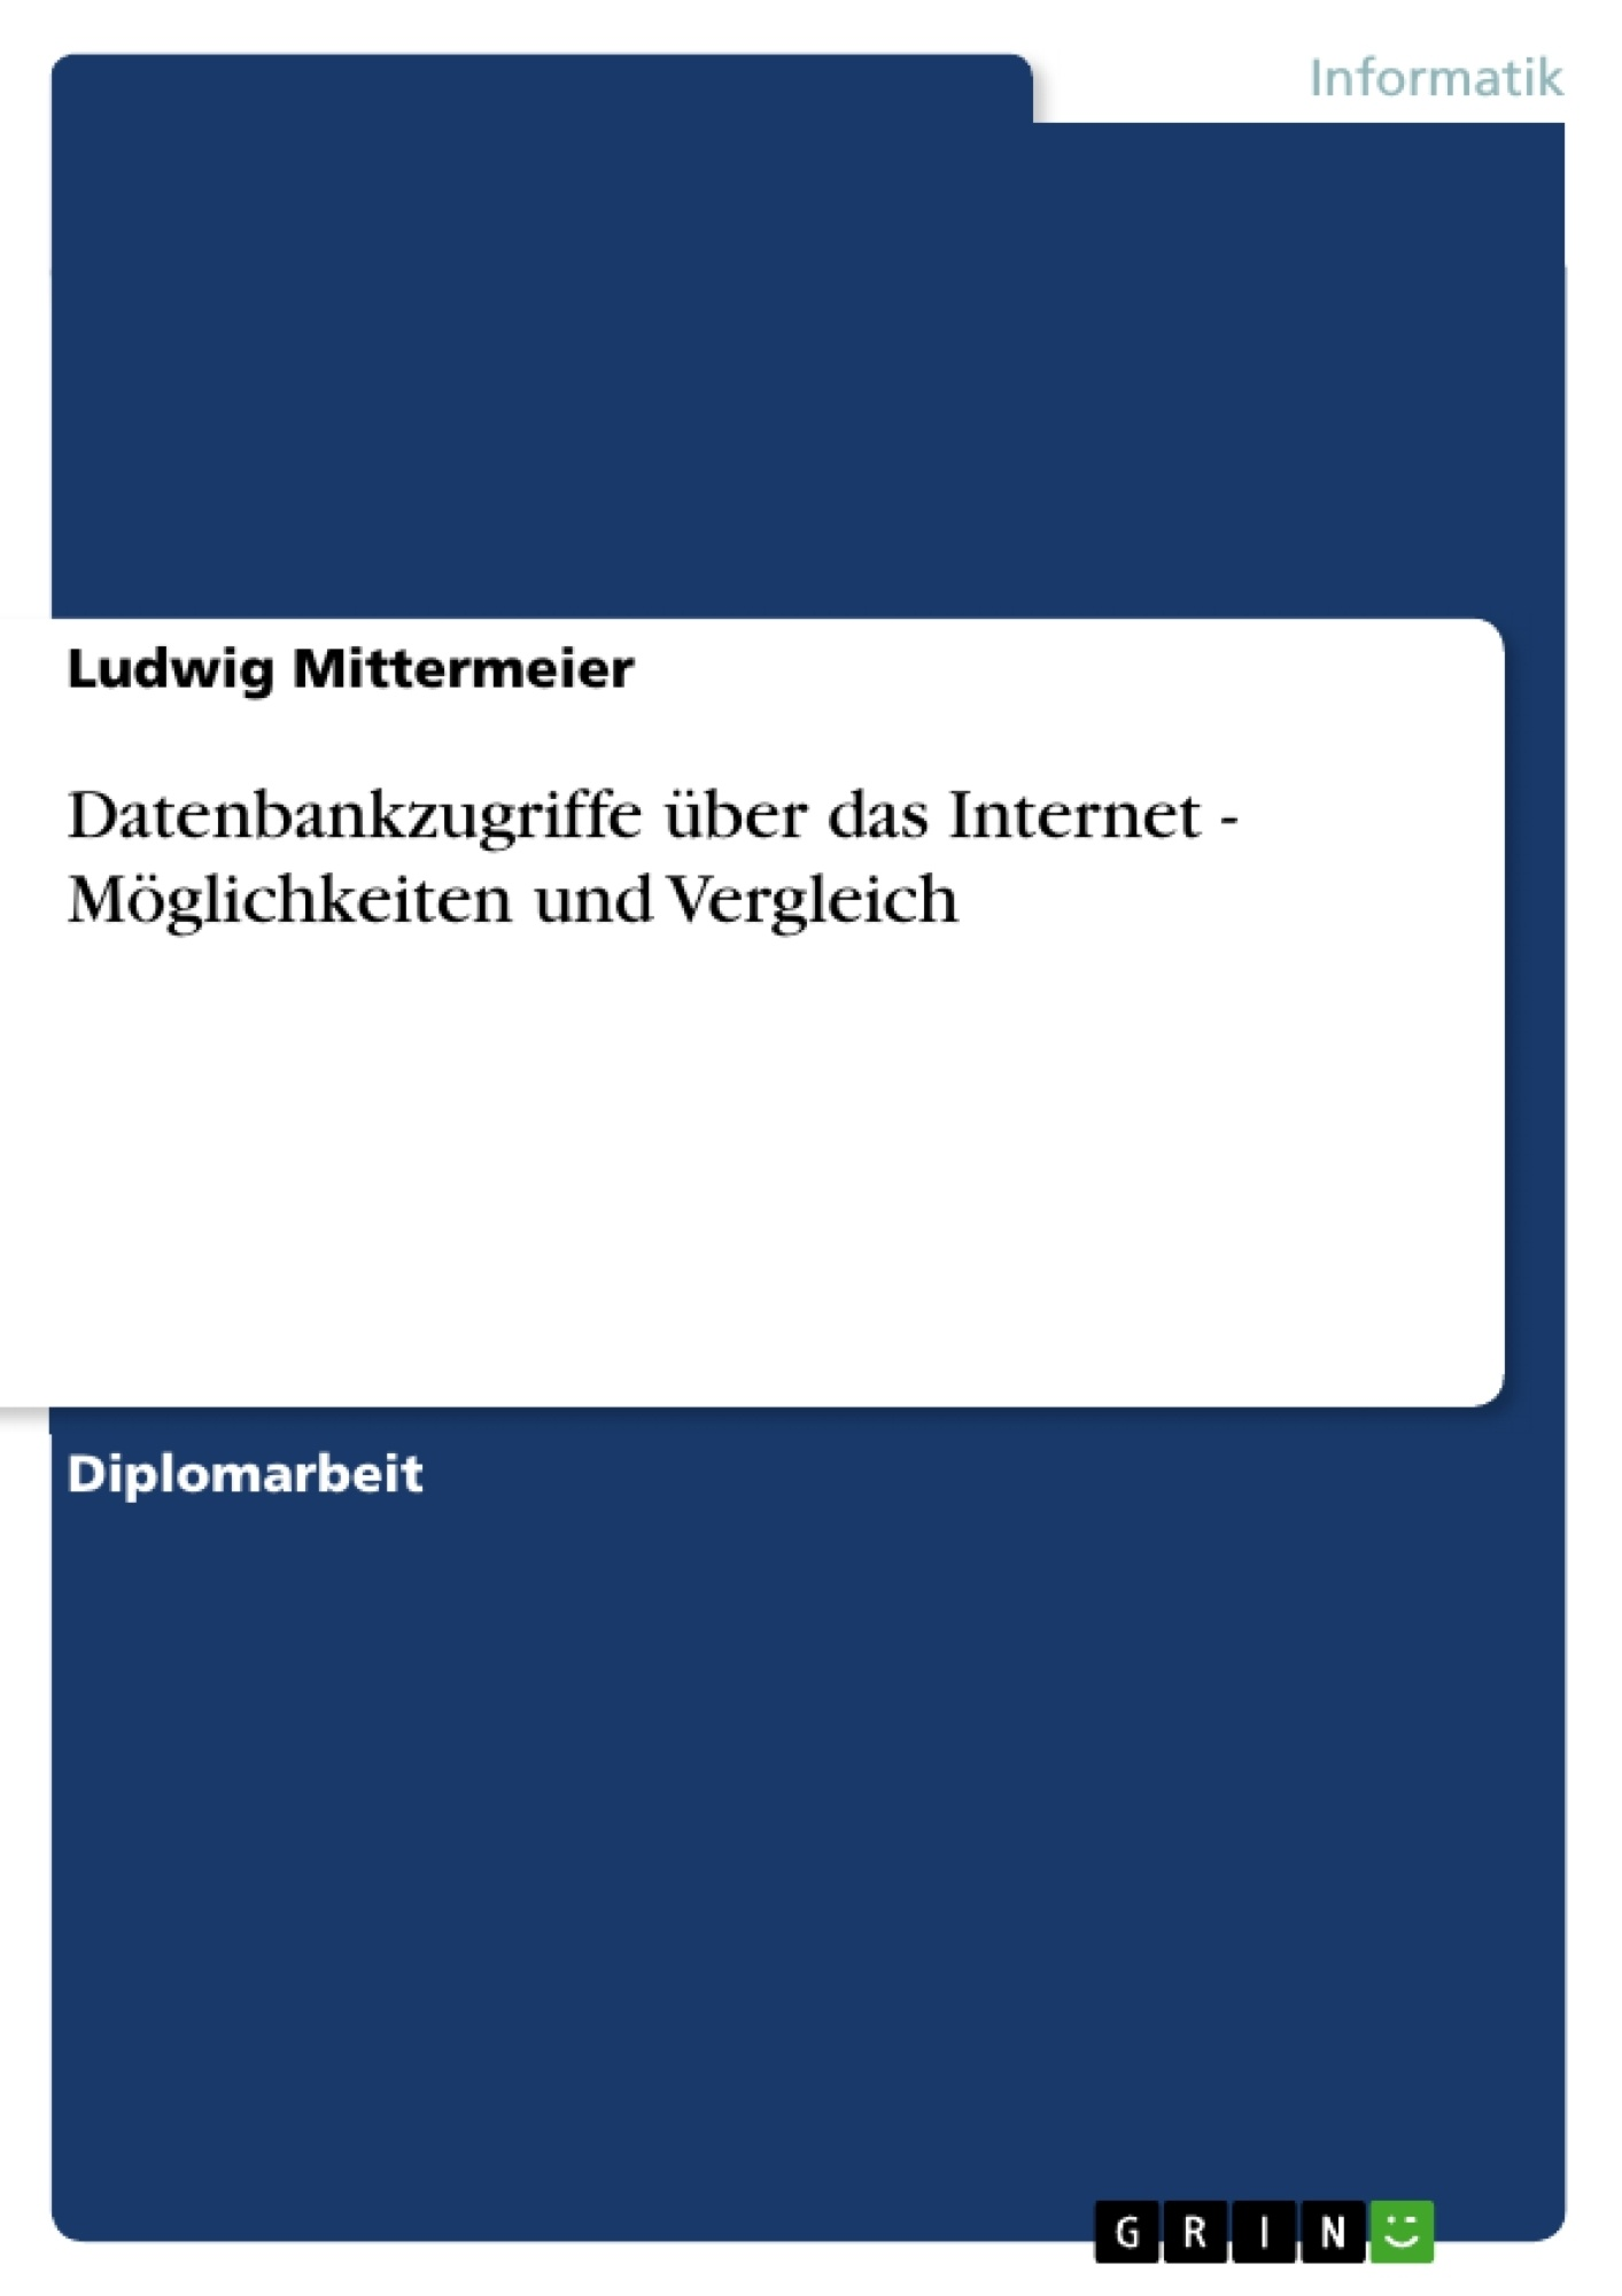 Titel: Datenbankzugriffe über das Internet - Möglichkeiten und Vergleich